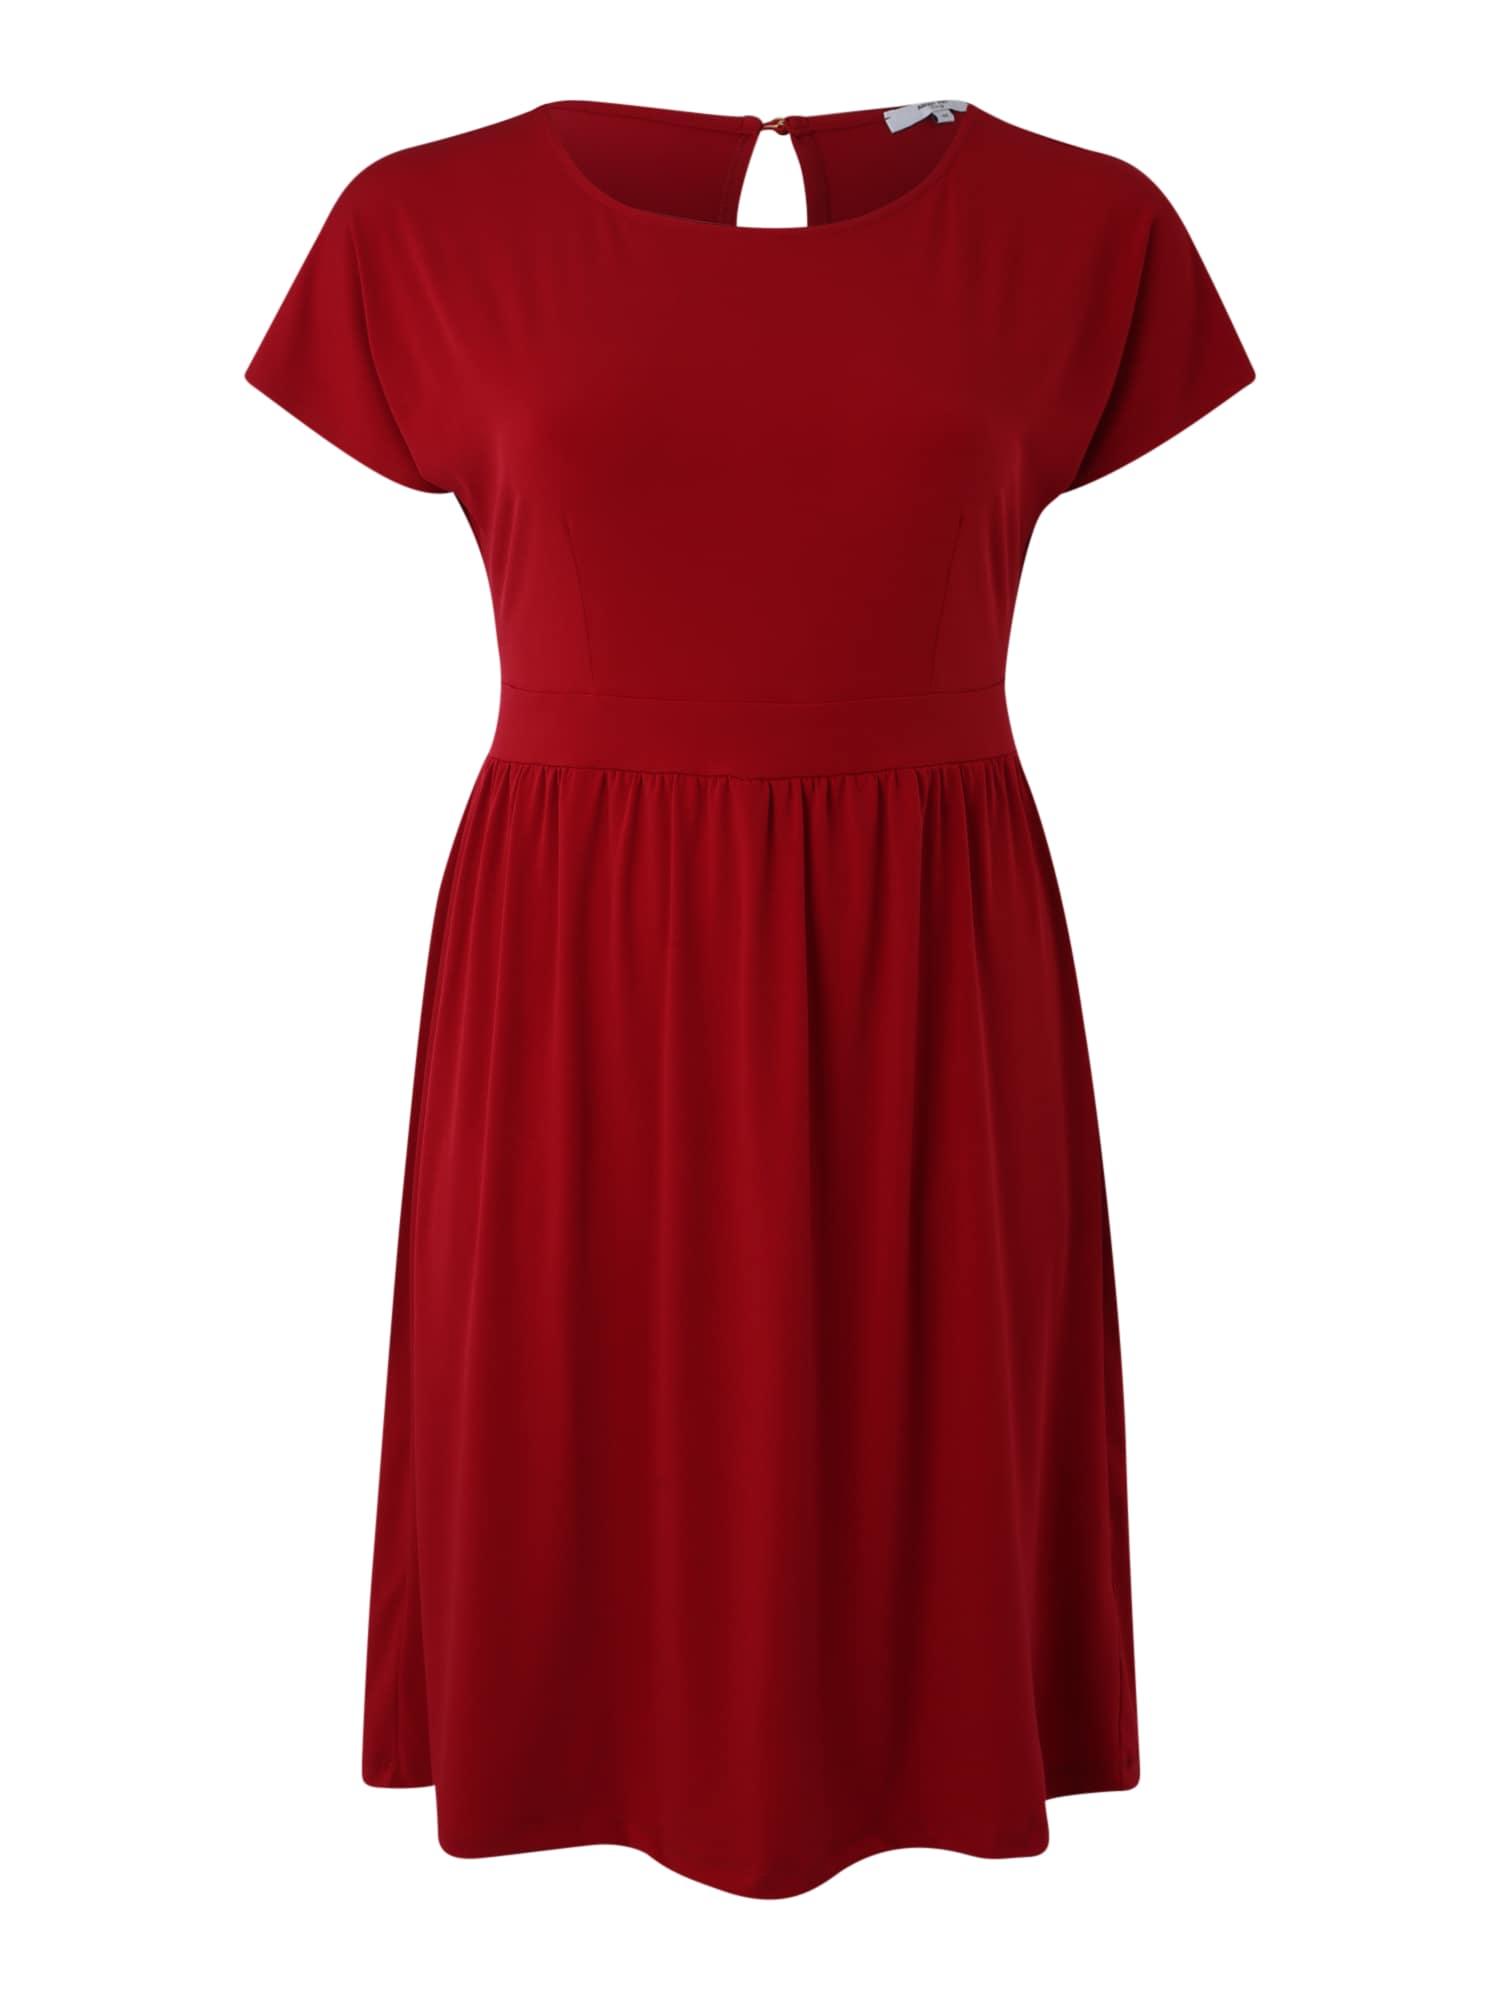 Šaty Tara červená ABOUT YOU Curvy